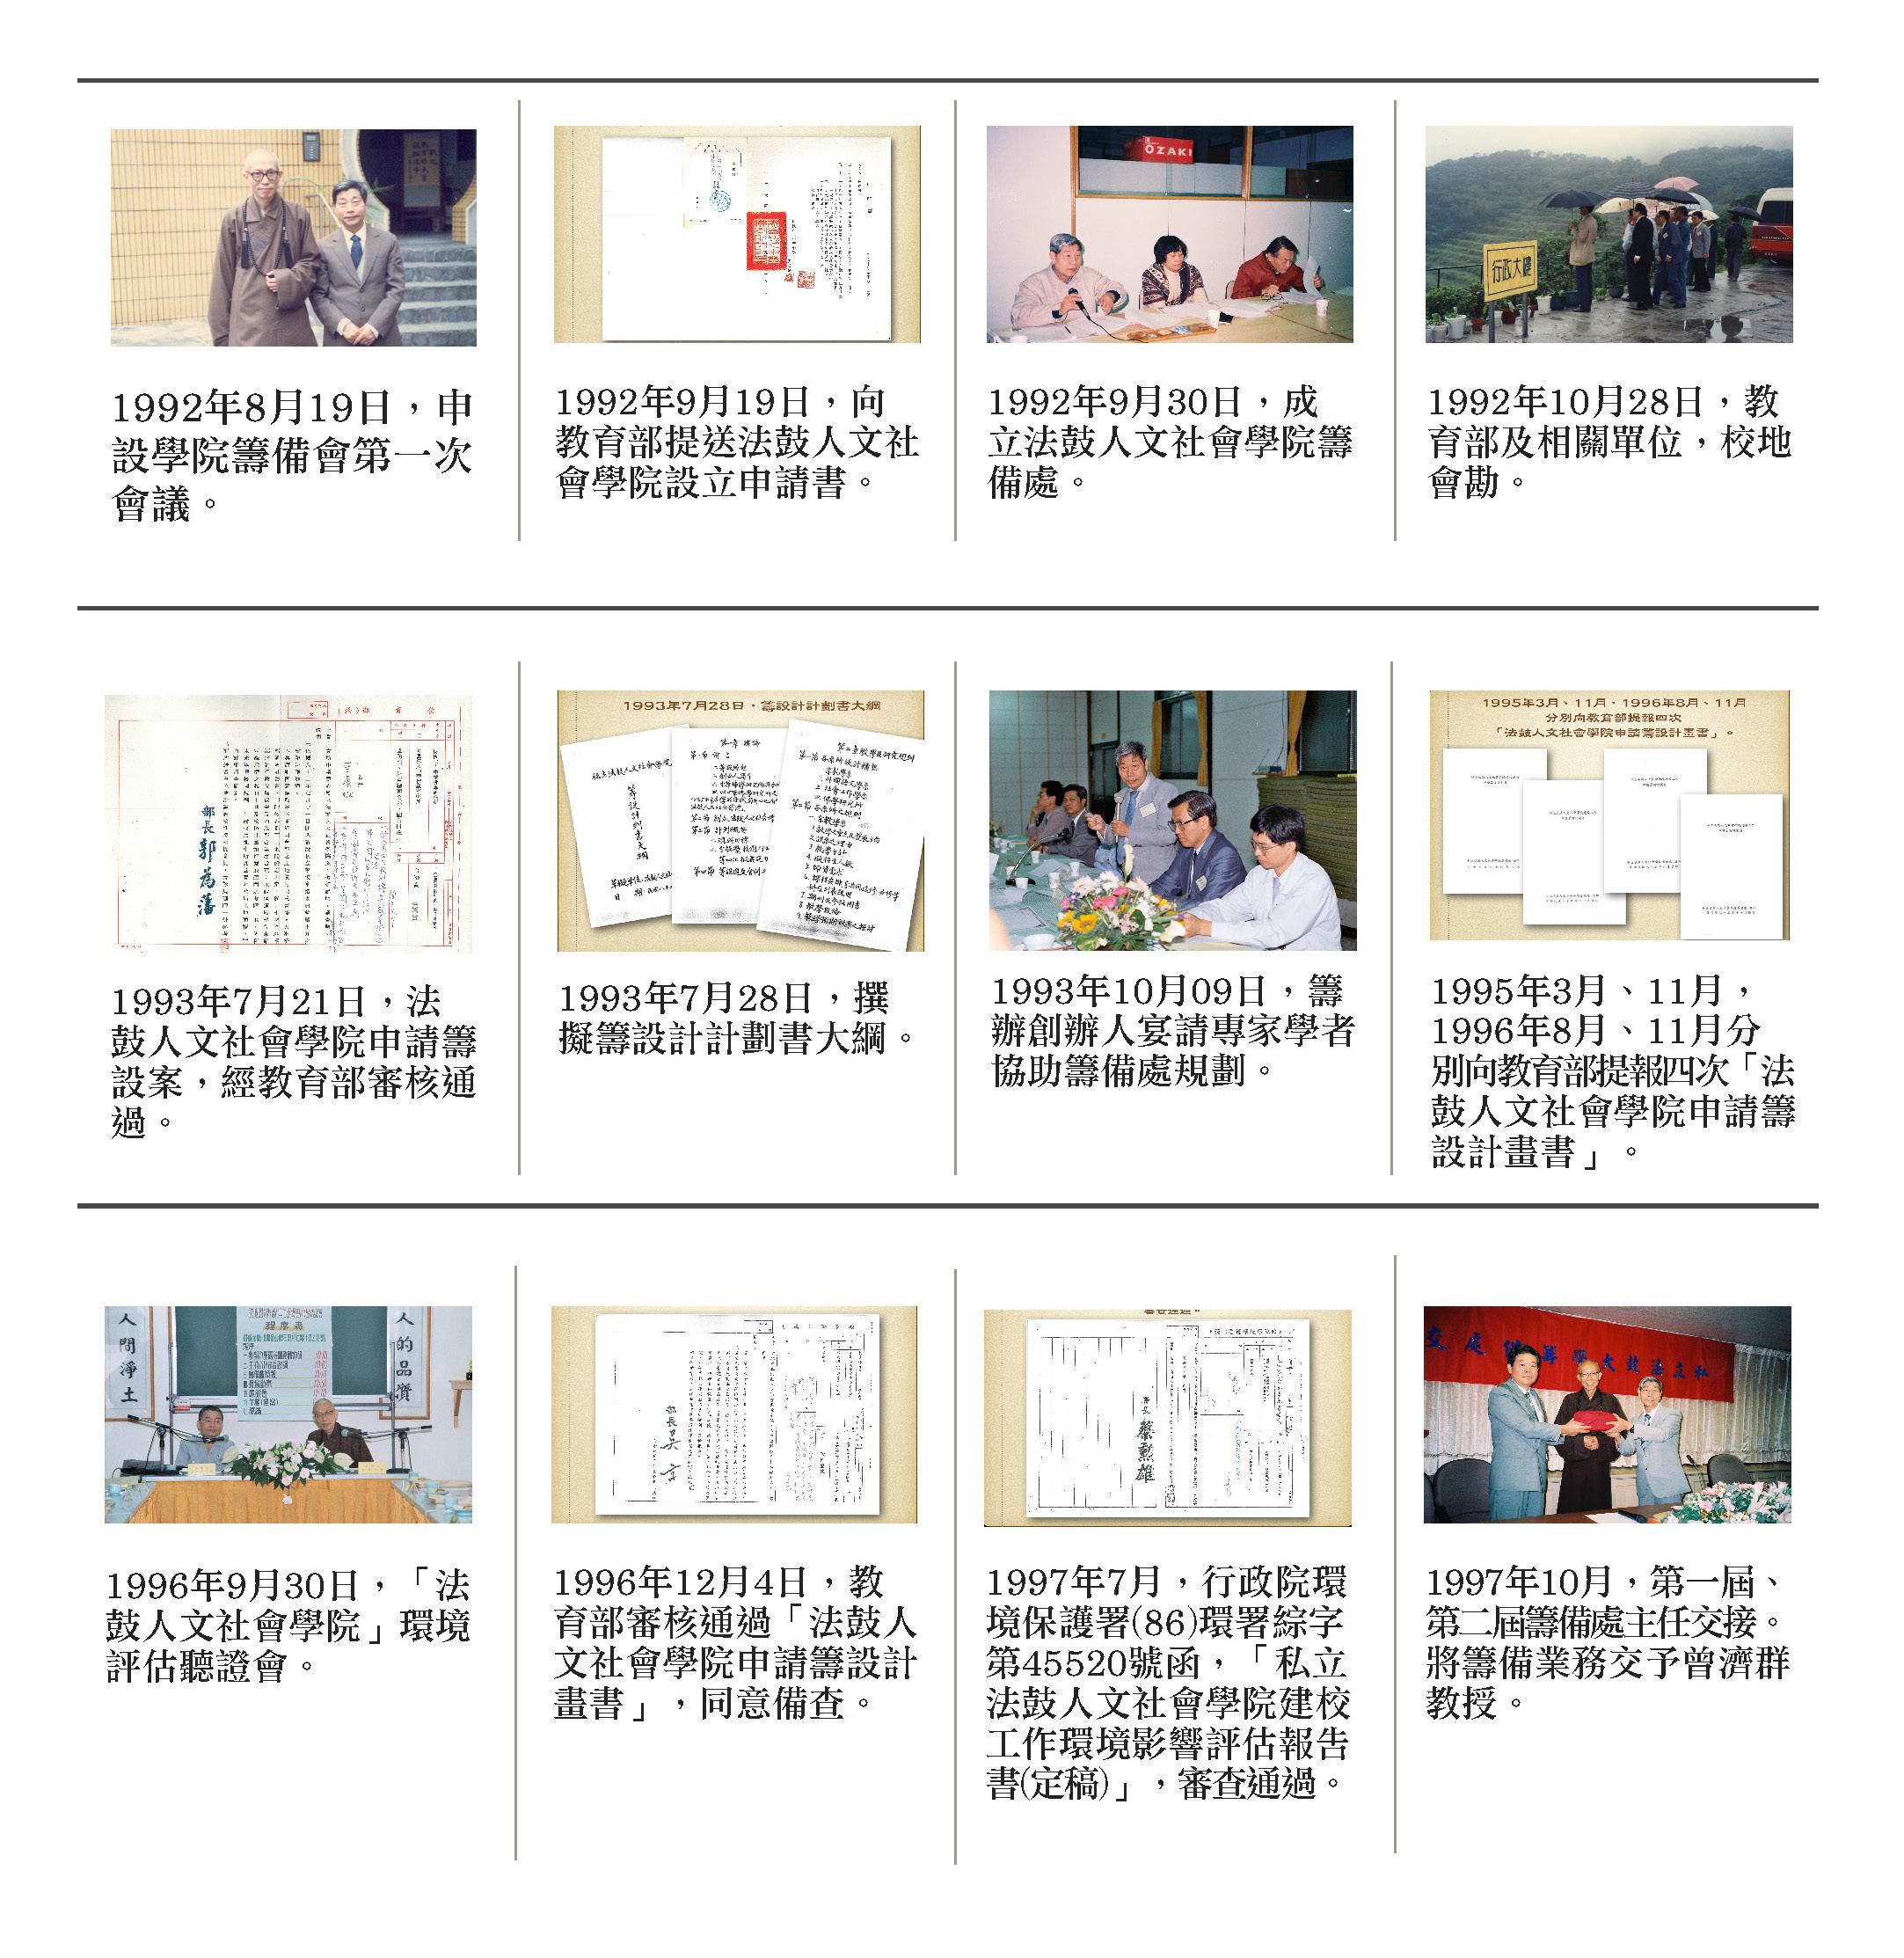 李所長網頁資料彙編